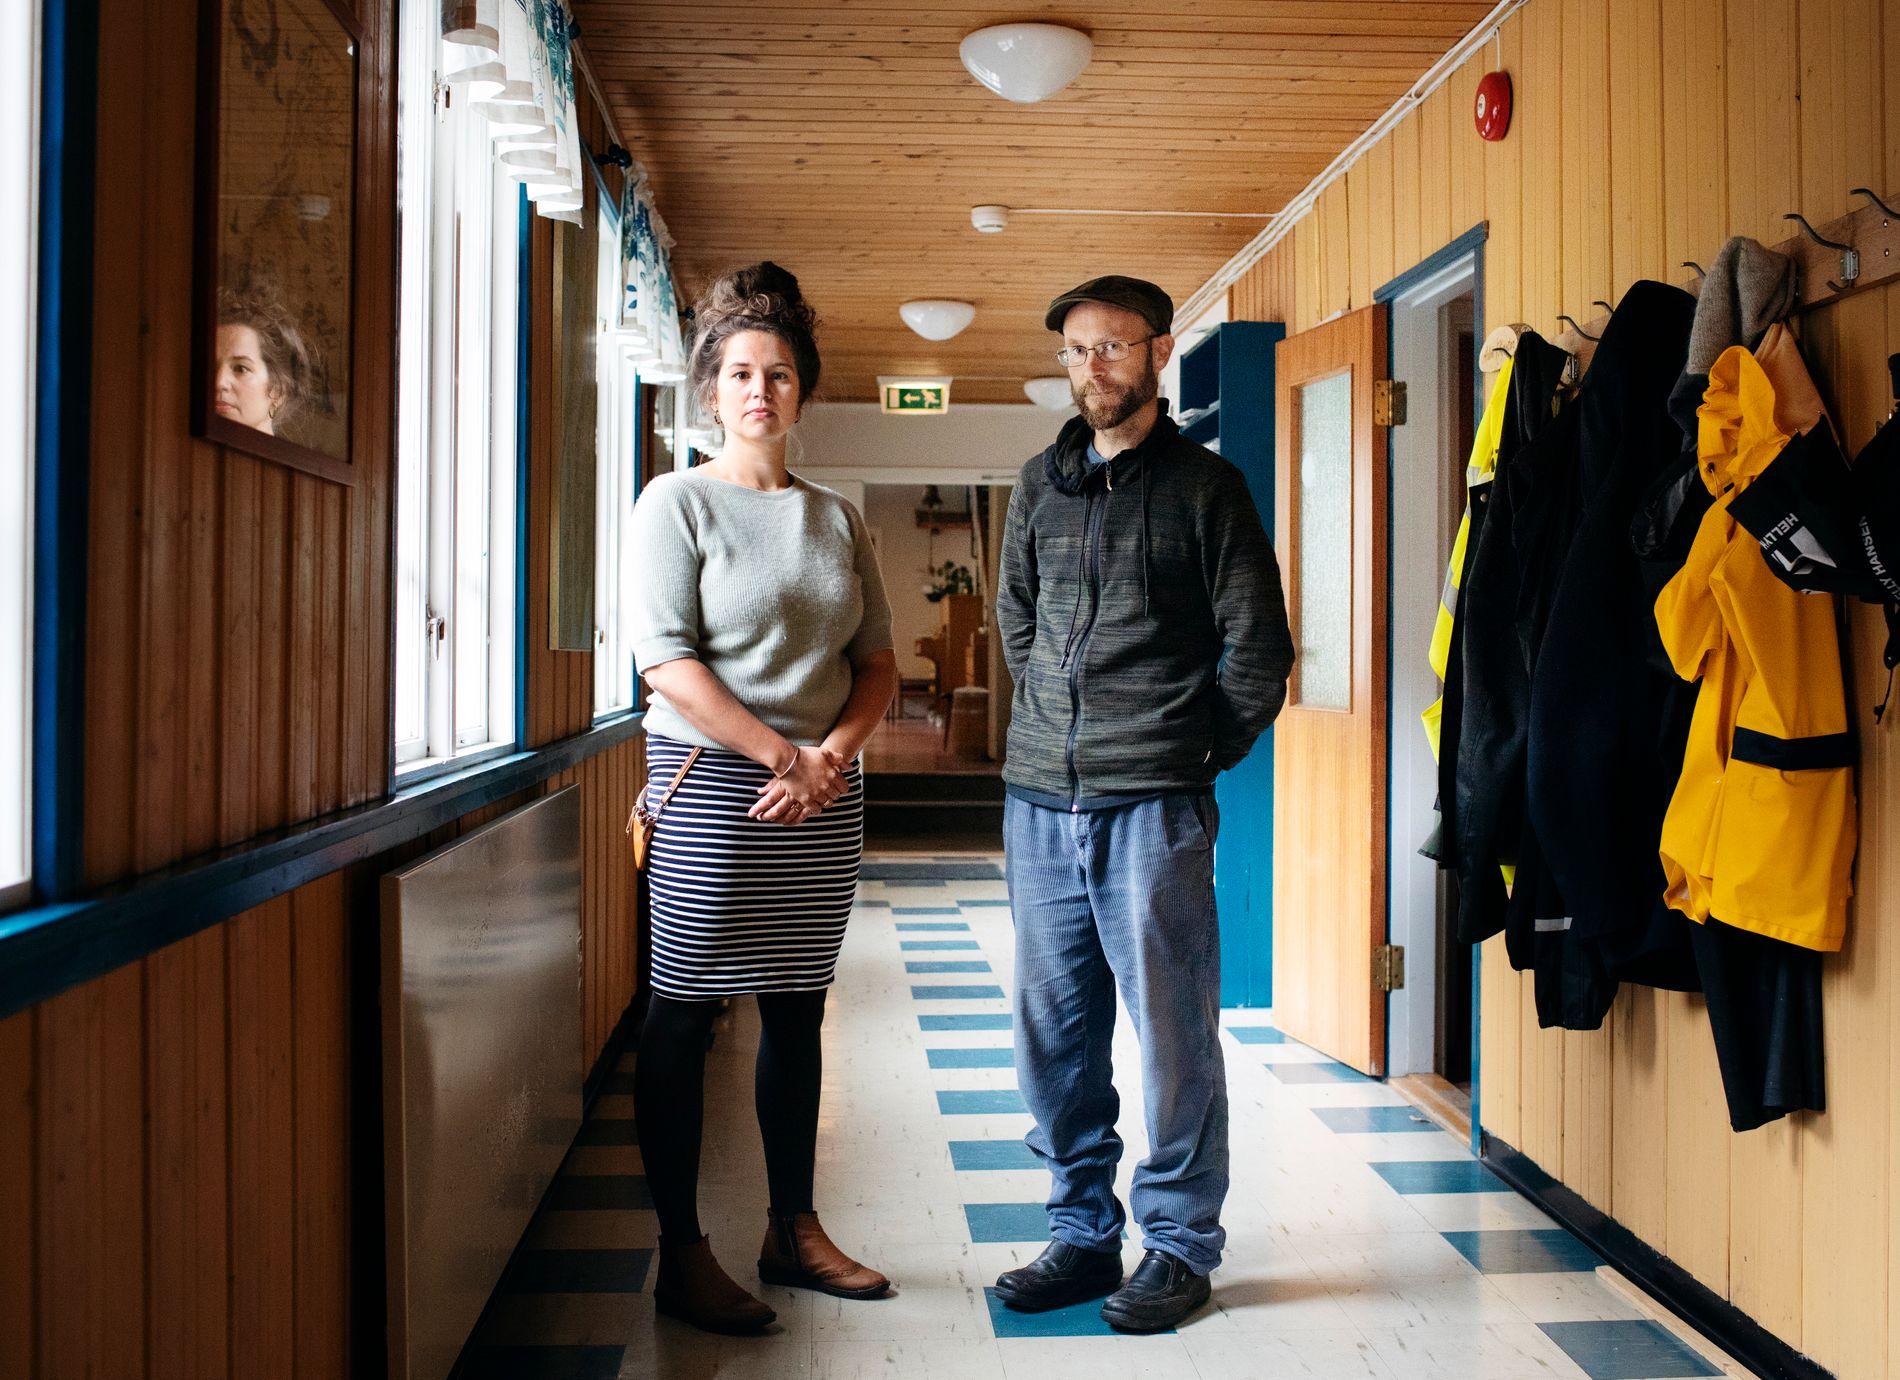 ANSATTE: Rektor Arnhild Finne og inspektør Kenneth Bjørkli på Fosen Folkehøgskole i Rissa kommune utenfor Trondheim.